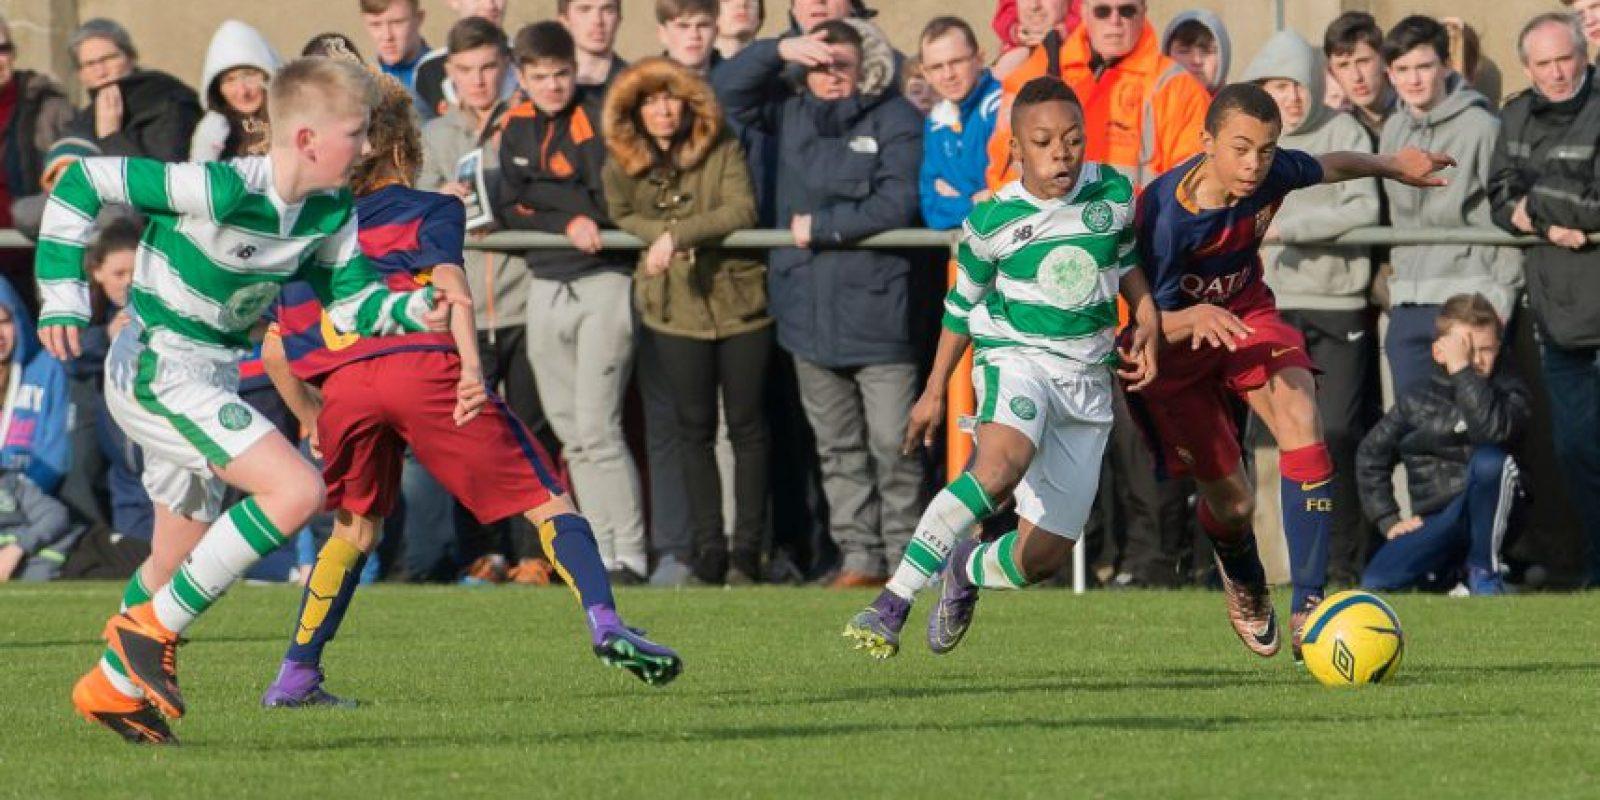 El pequeño atacante ofensivo debutó con sólo 13 años en la Sub 20 del Celtic. Foto:Paul Dolan-Flickr